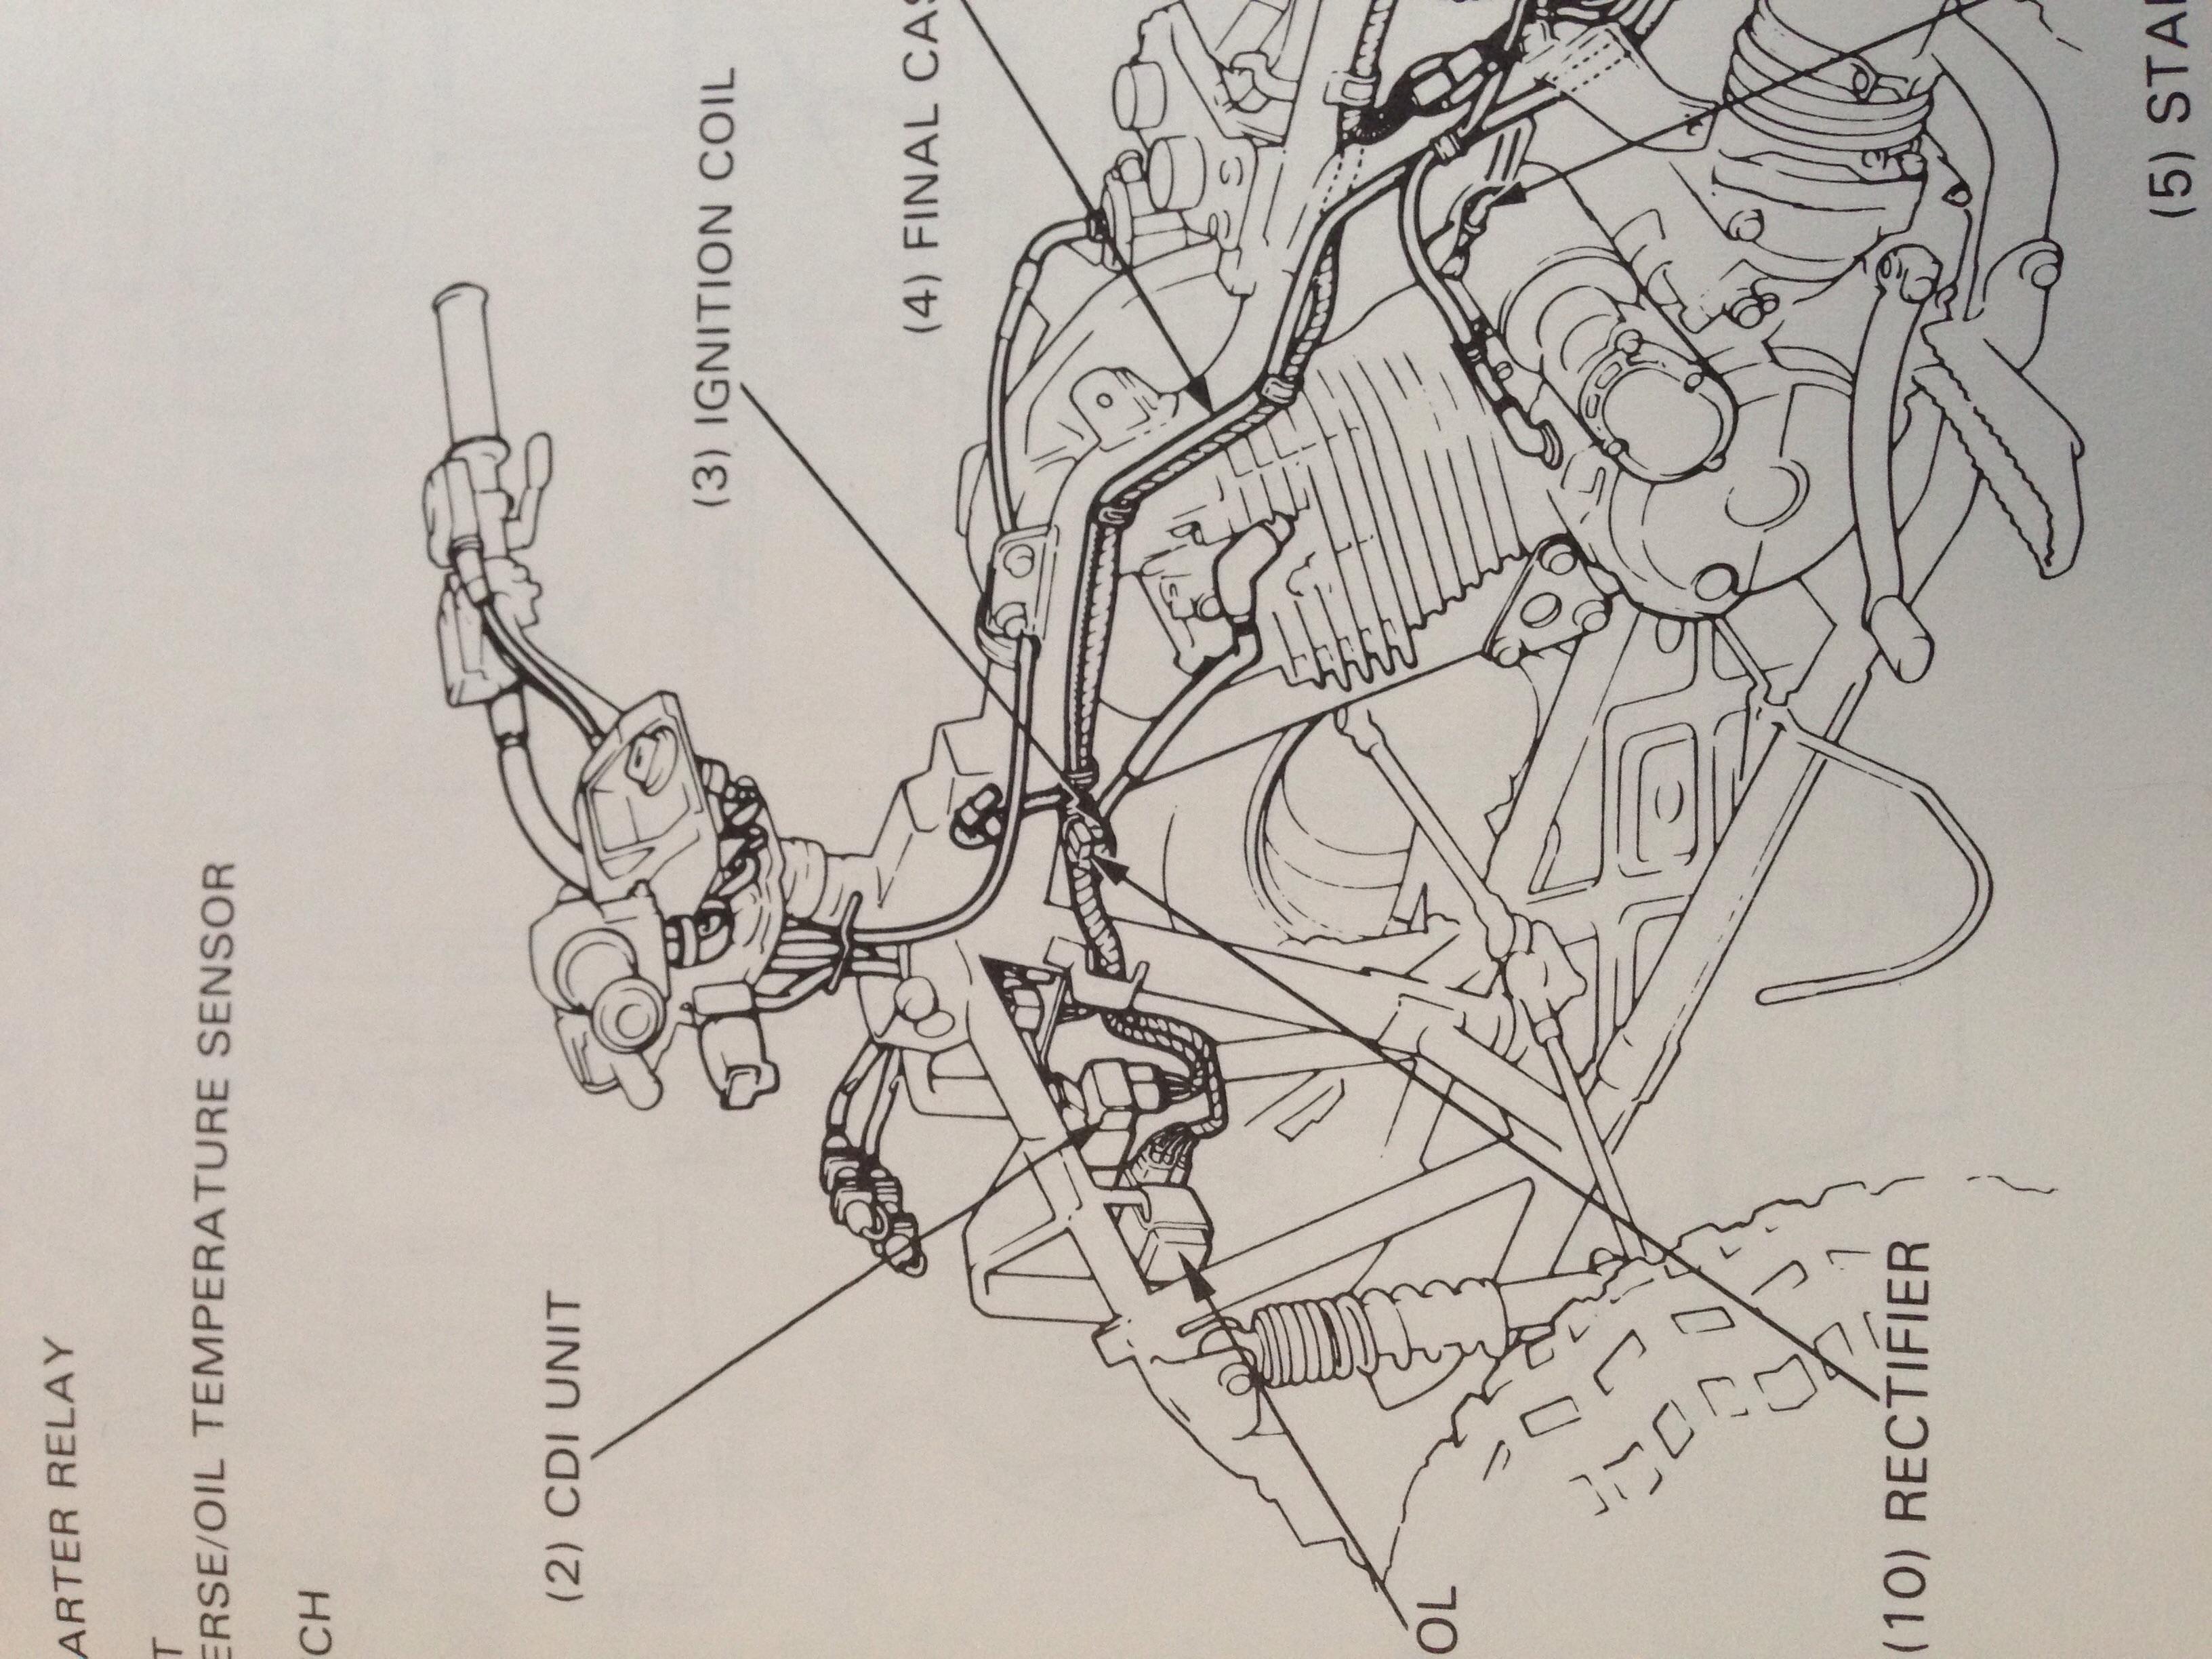 Honda Trx300ex Wiring Diagram Control 2000 300ex Wire Color Code 250ex No Spark 1999